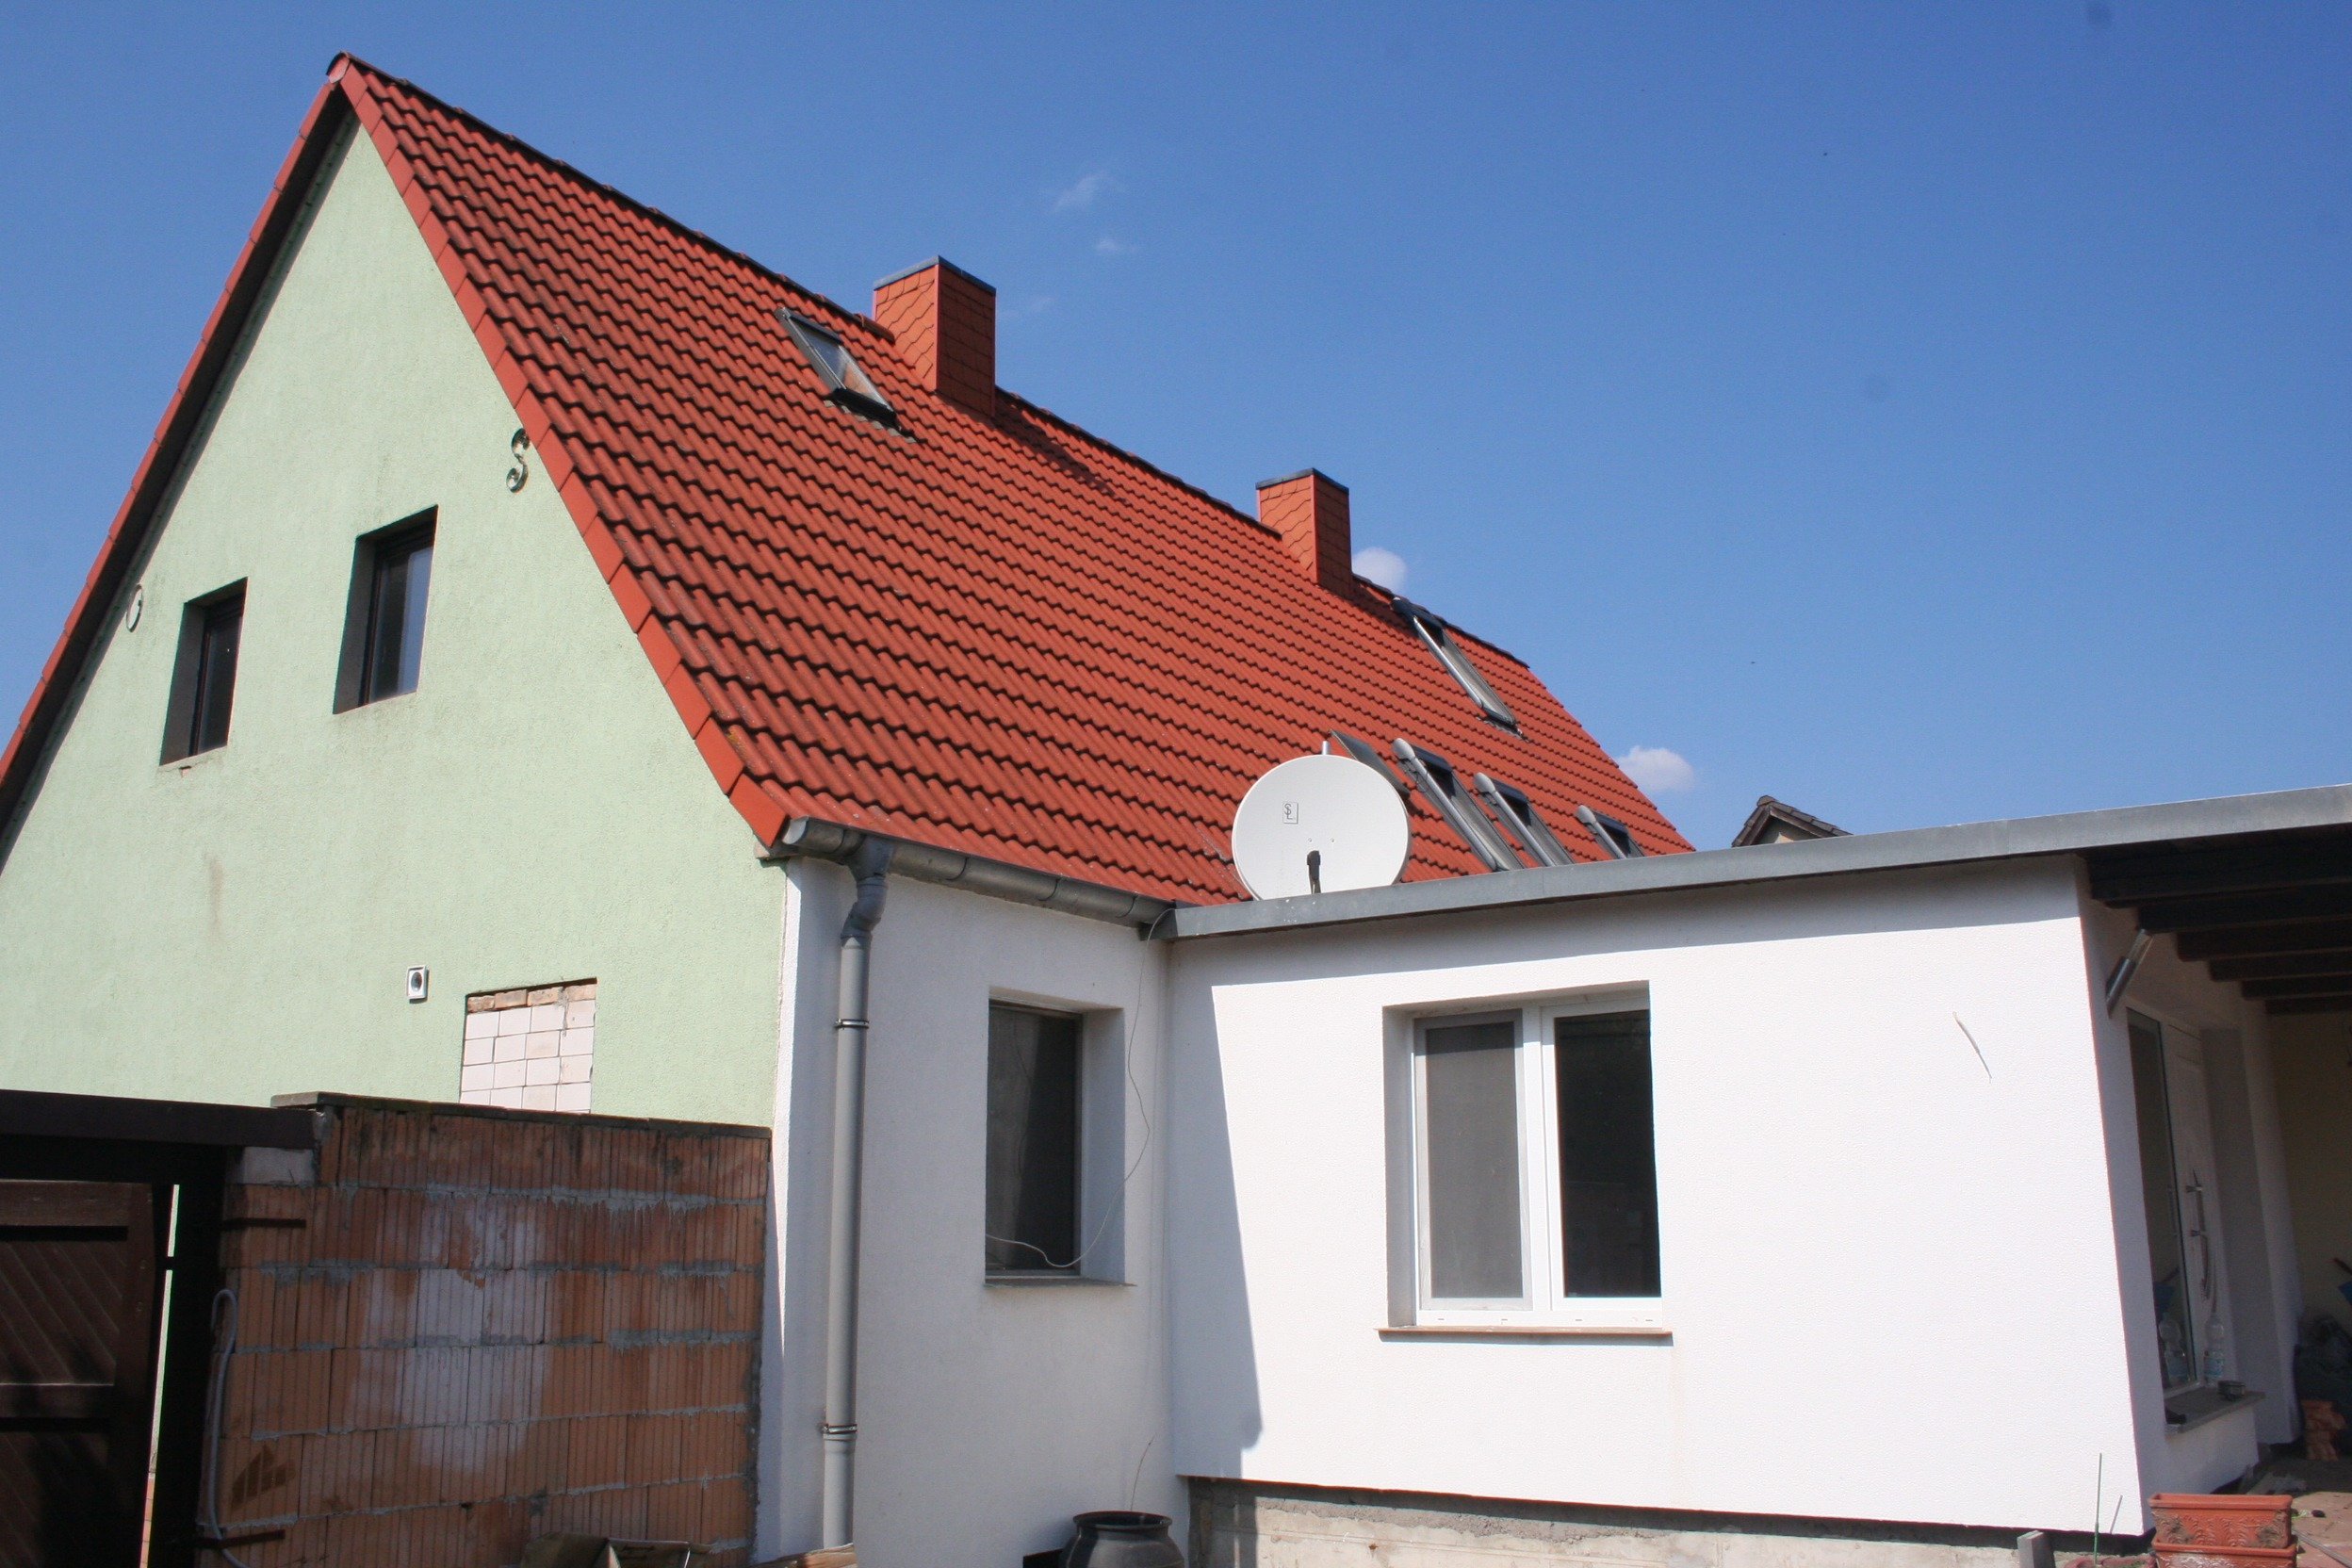 Einfamilienhaus Halle-Seeben - Seiten- und Rückansicht mit Anbau